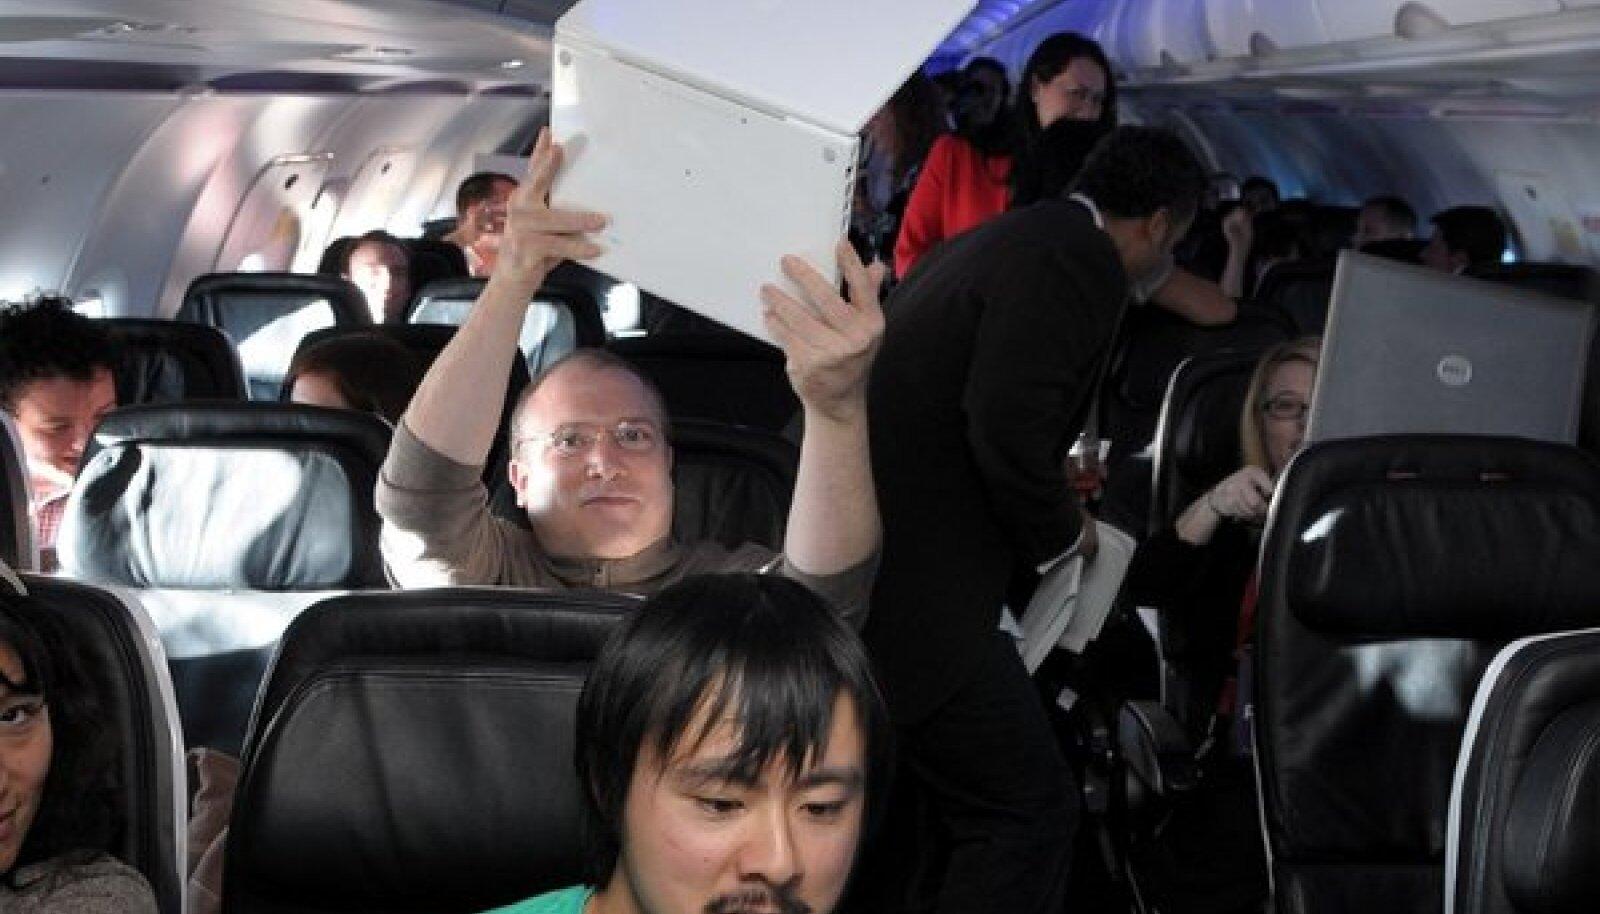 wifi lennukis